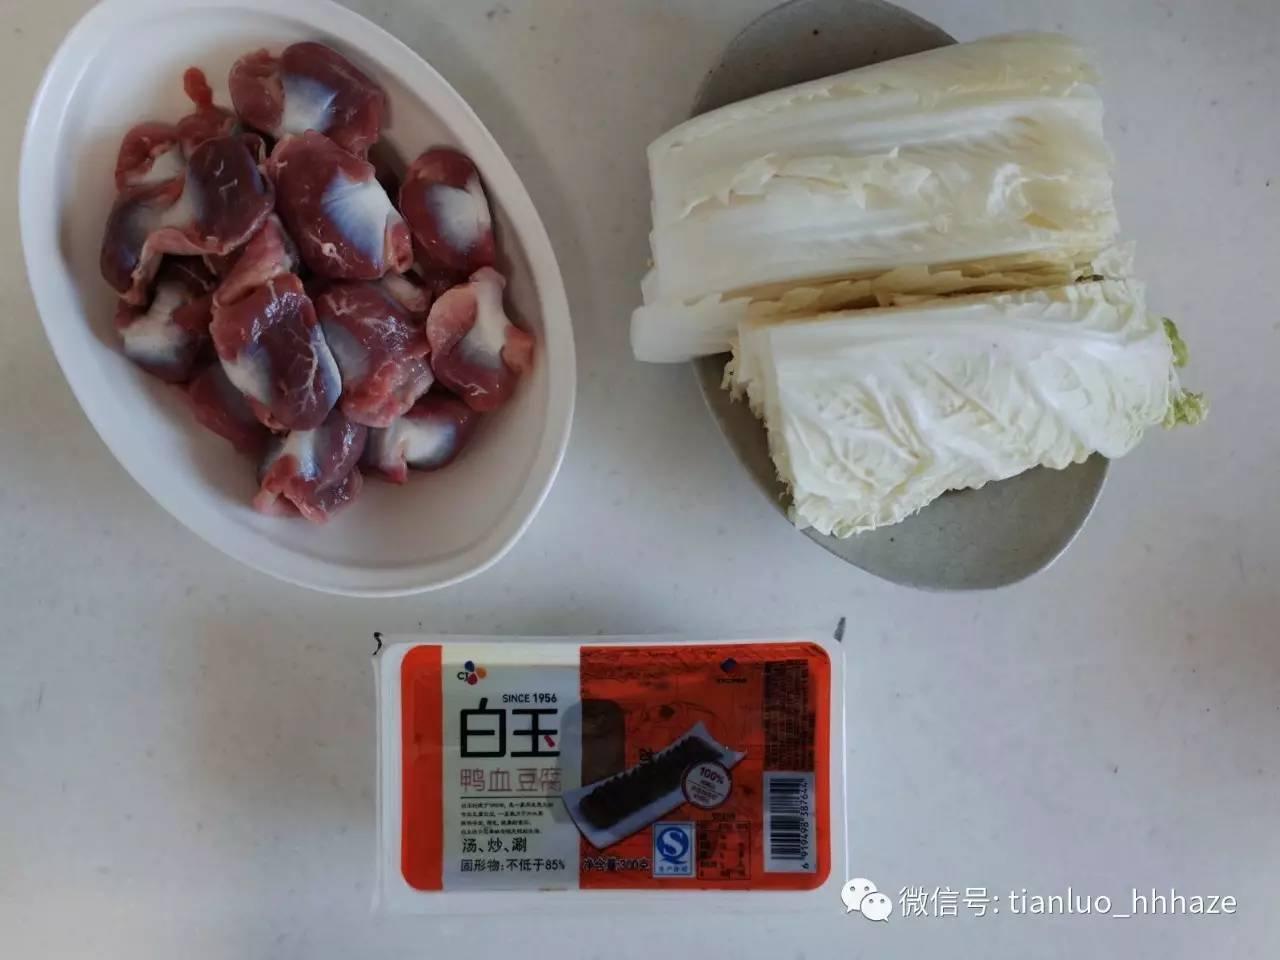 鸡胗脆,鸭血嫩,白菜帮子有一股劲道的酸辣香